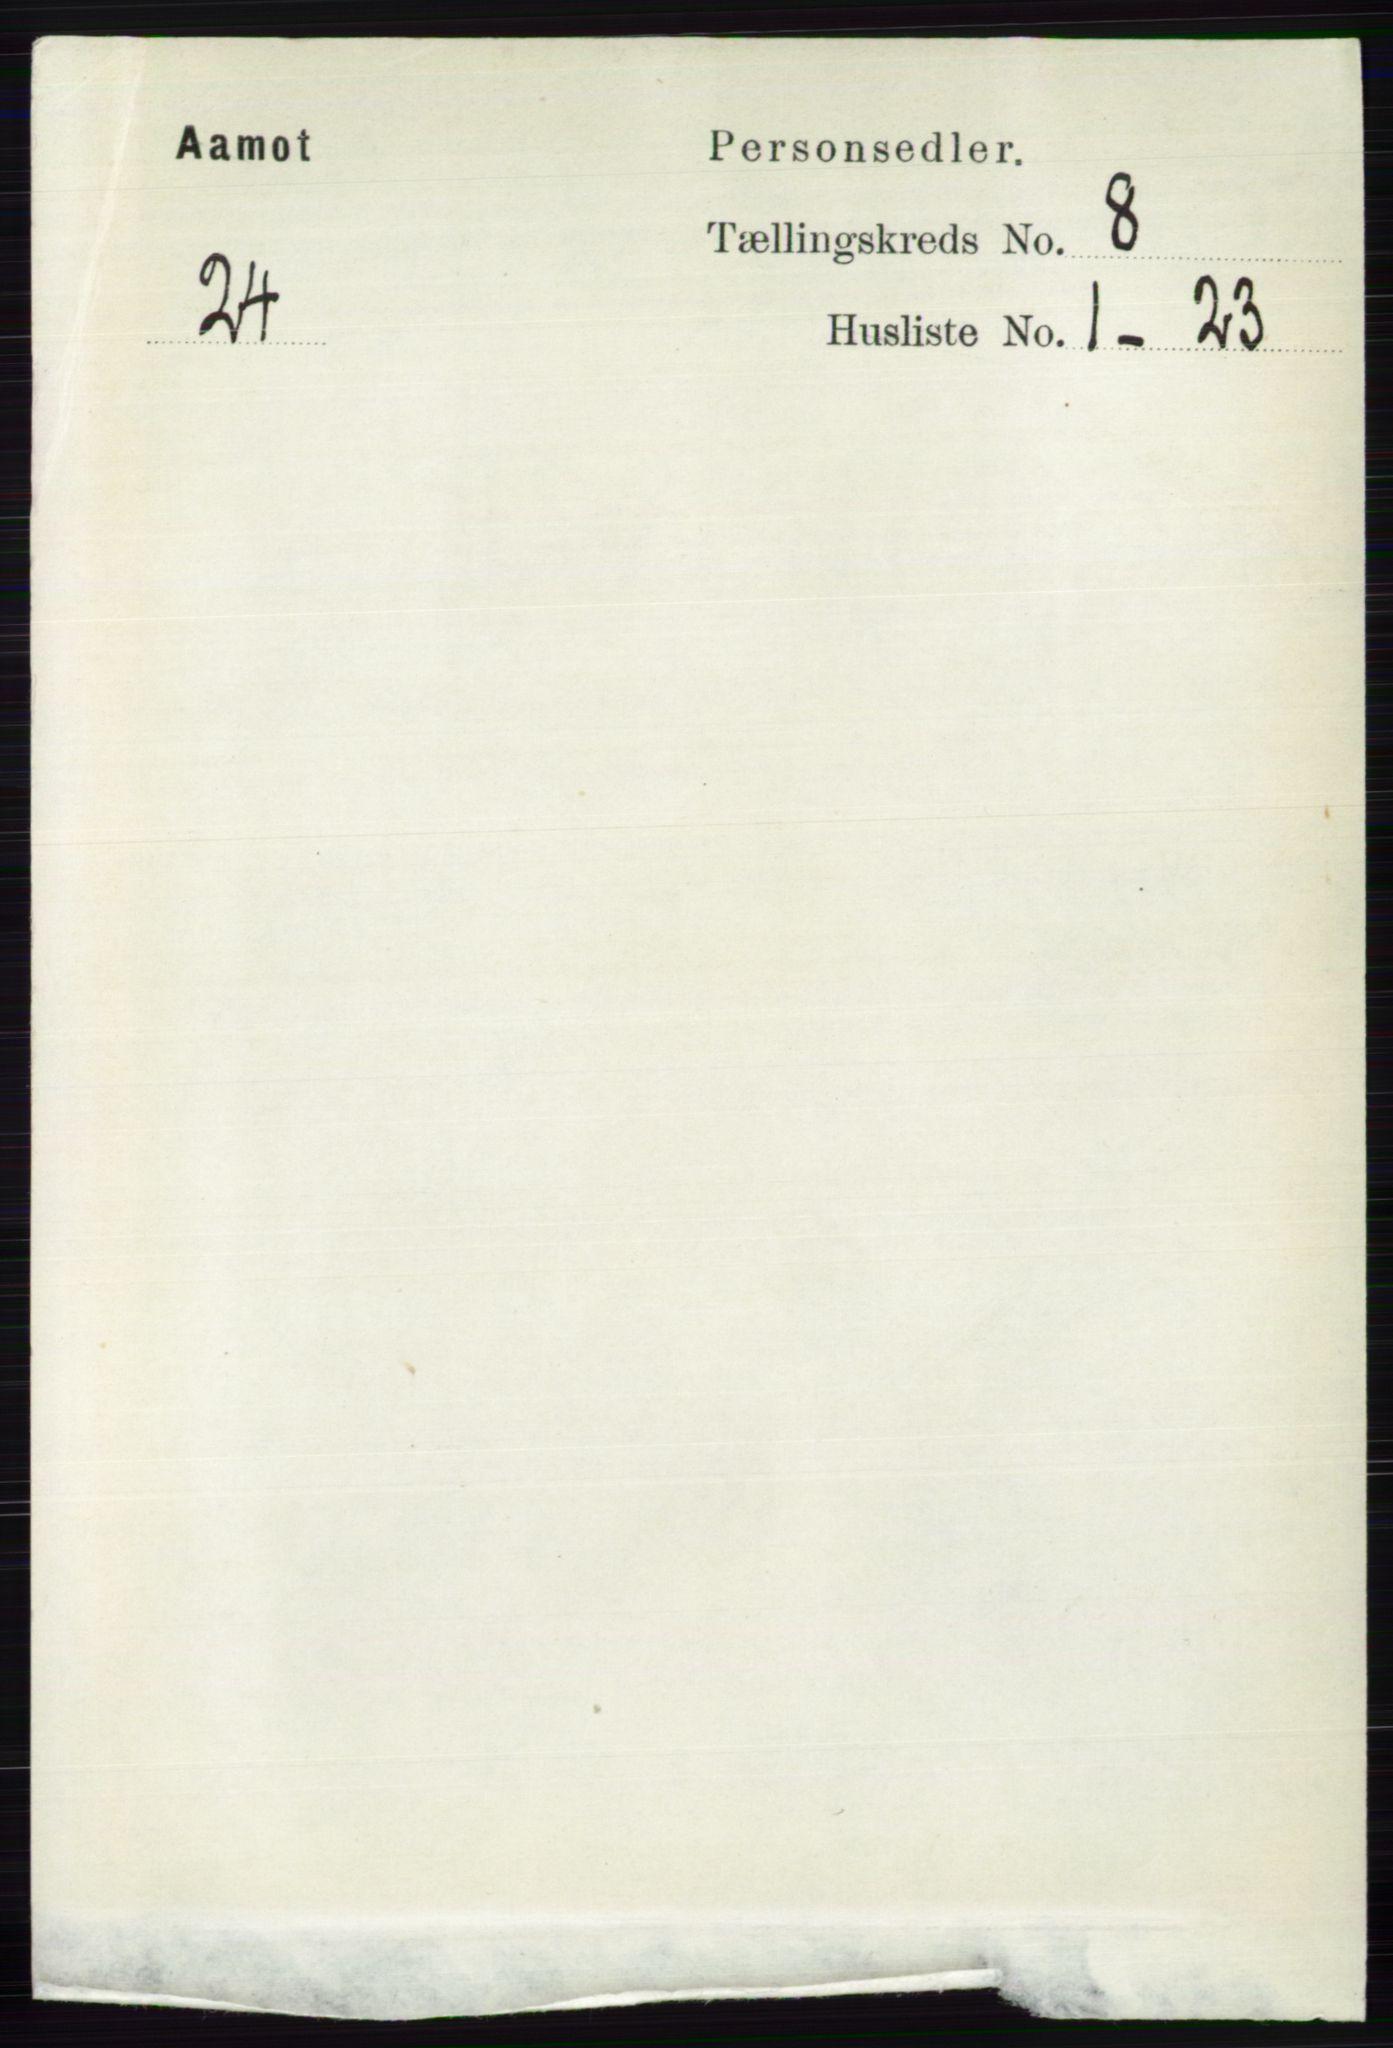 RA, Folketelling 1891 for 0429 Åmot herred, 1891, s. 3395